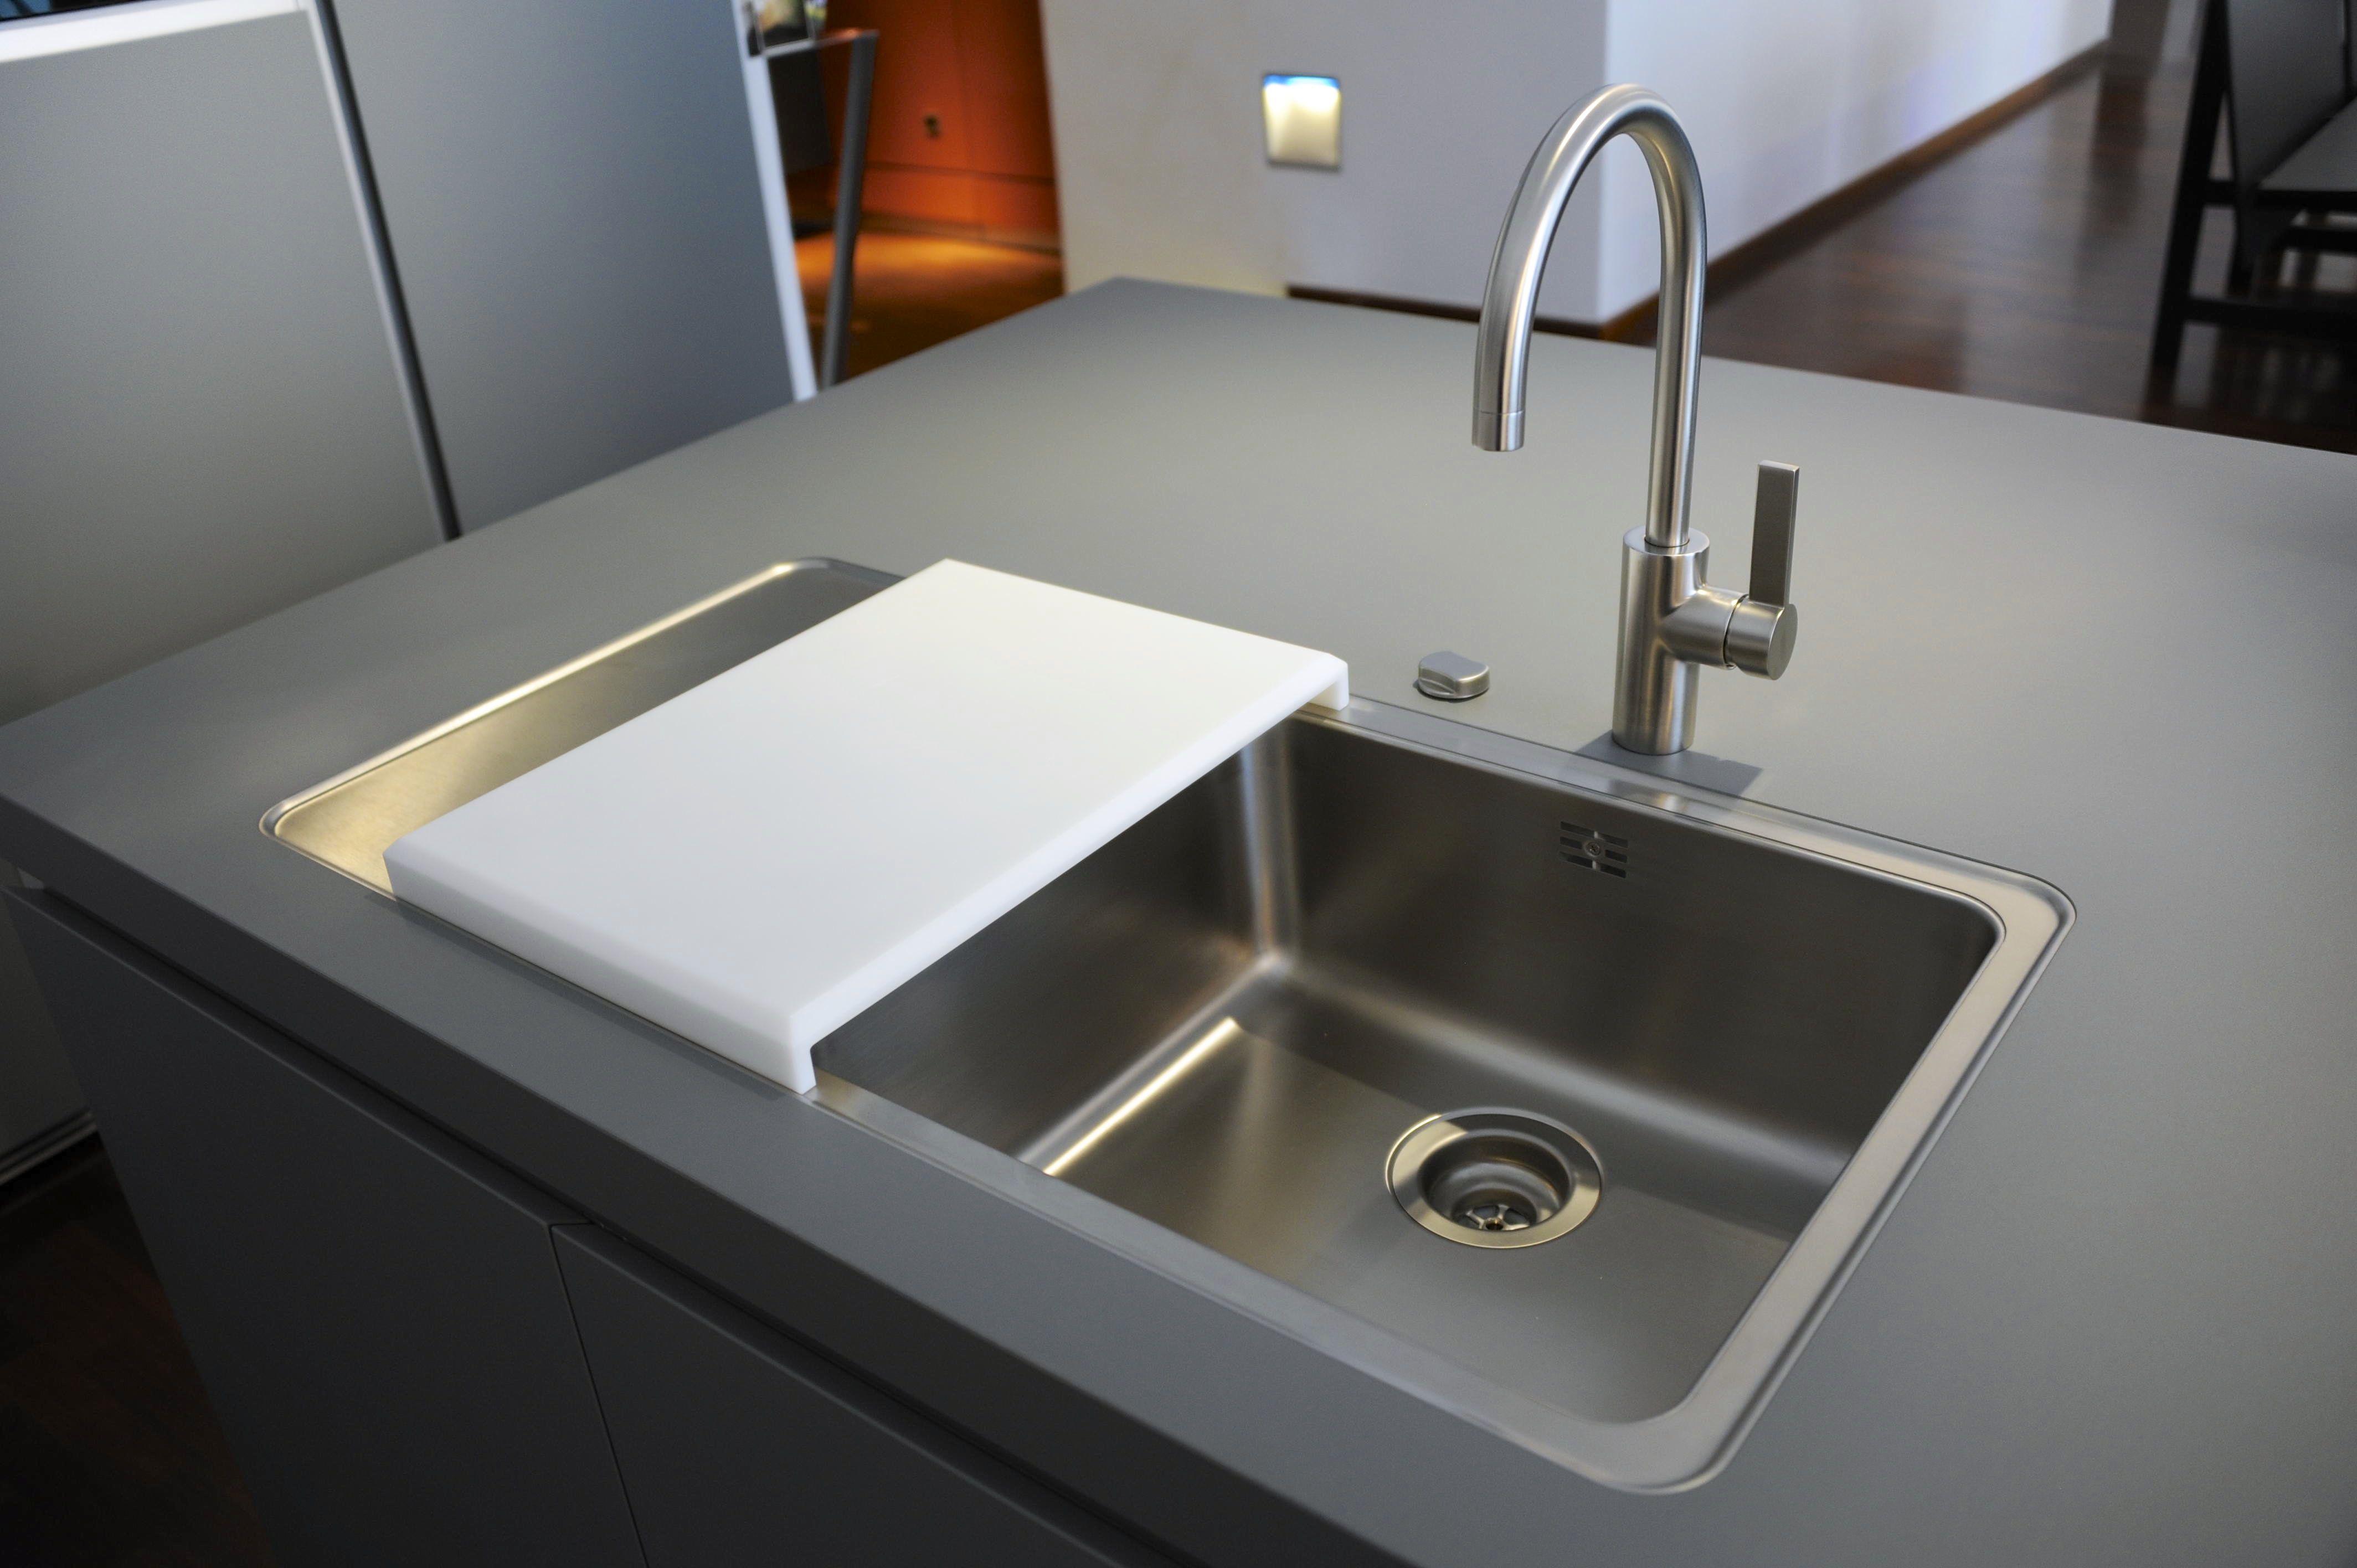 Kitchen Sink Buscar Con Google Kuche Waschbecken